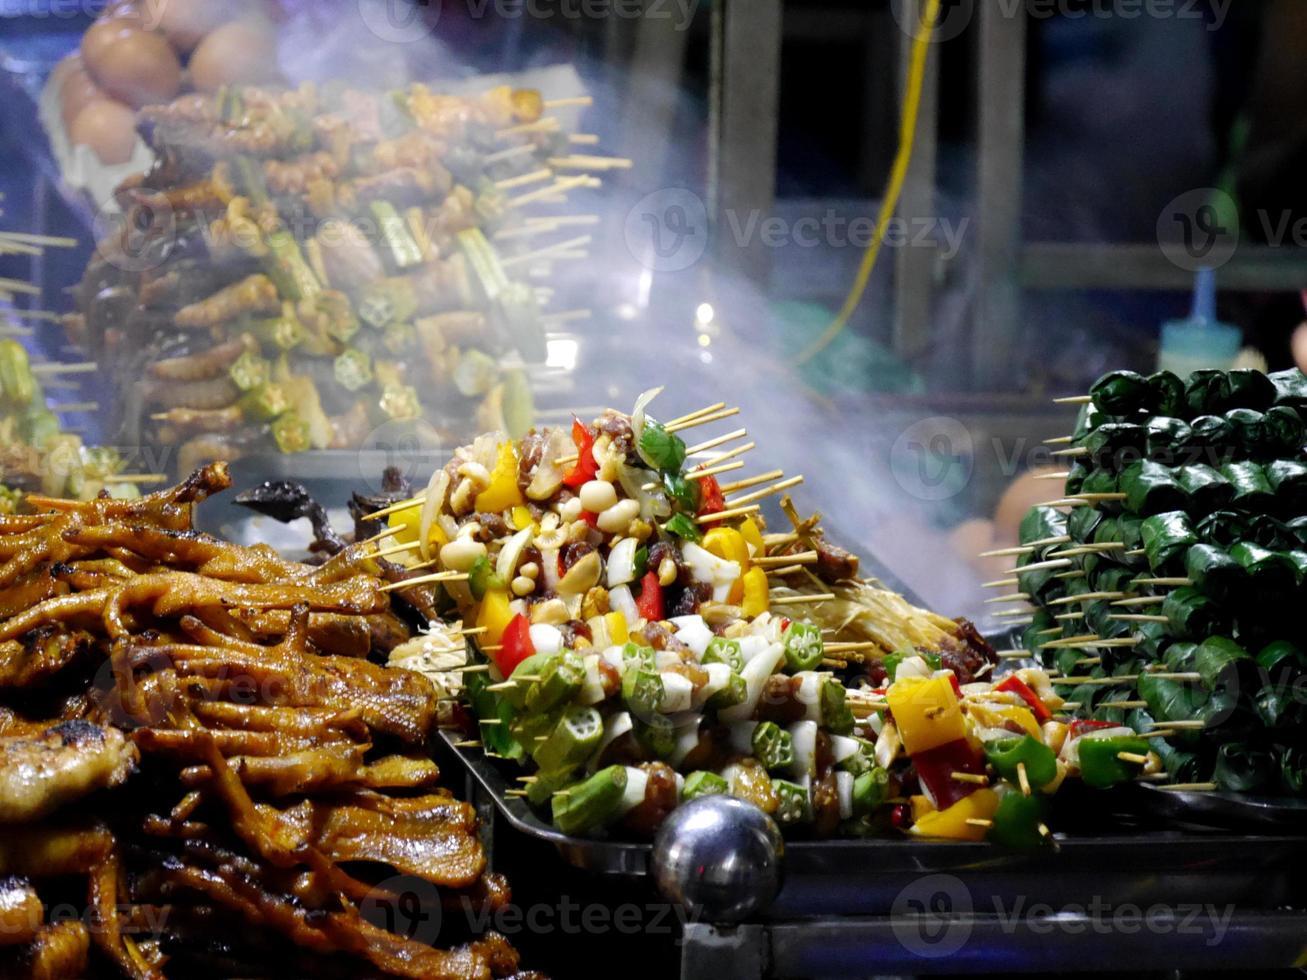 mercado de alimentos vietnam foto